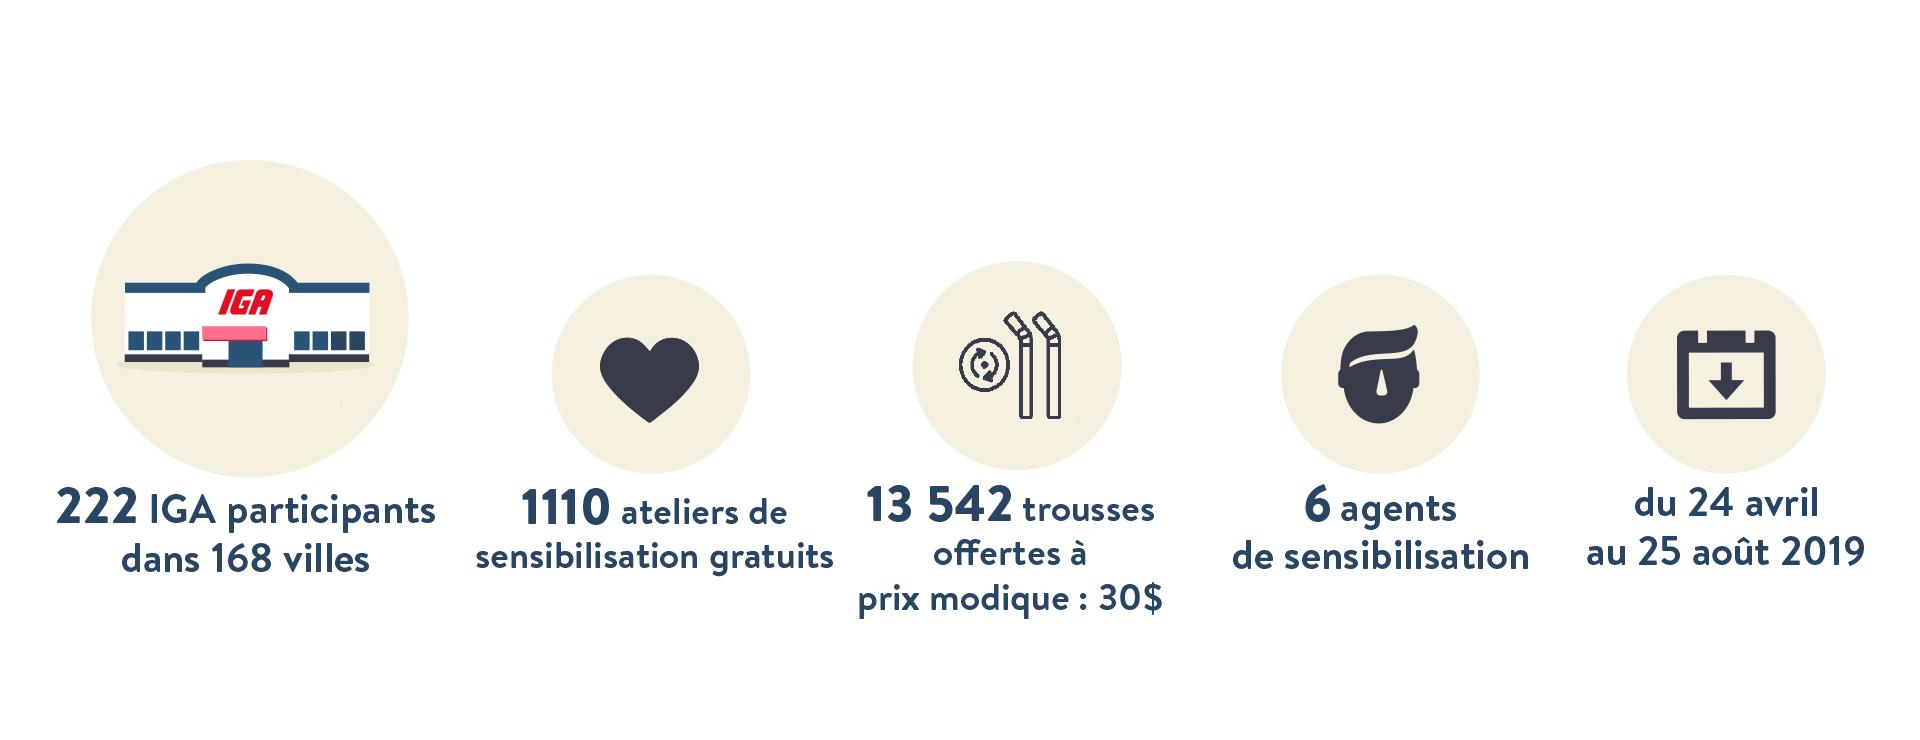 jour_de_la_terre_quebec_qc_tous_les_jours_programme_distribution_articles_ecologiques_fonds_eco_iga_2019_chiffres